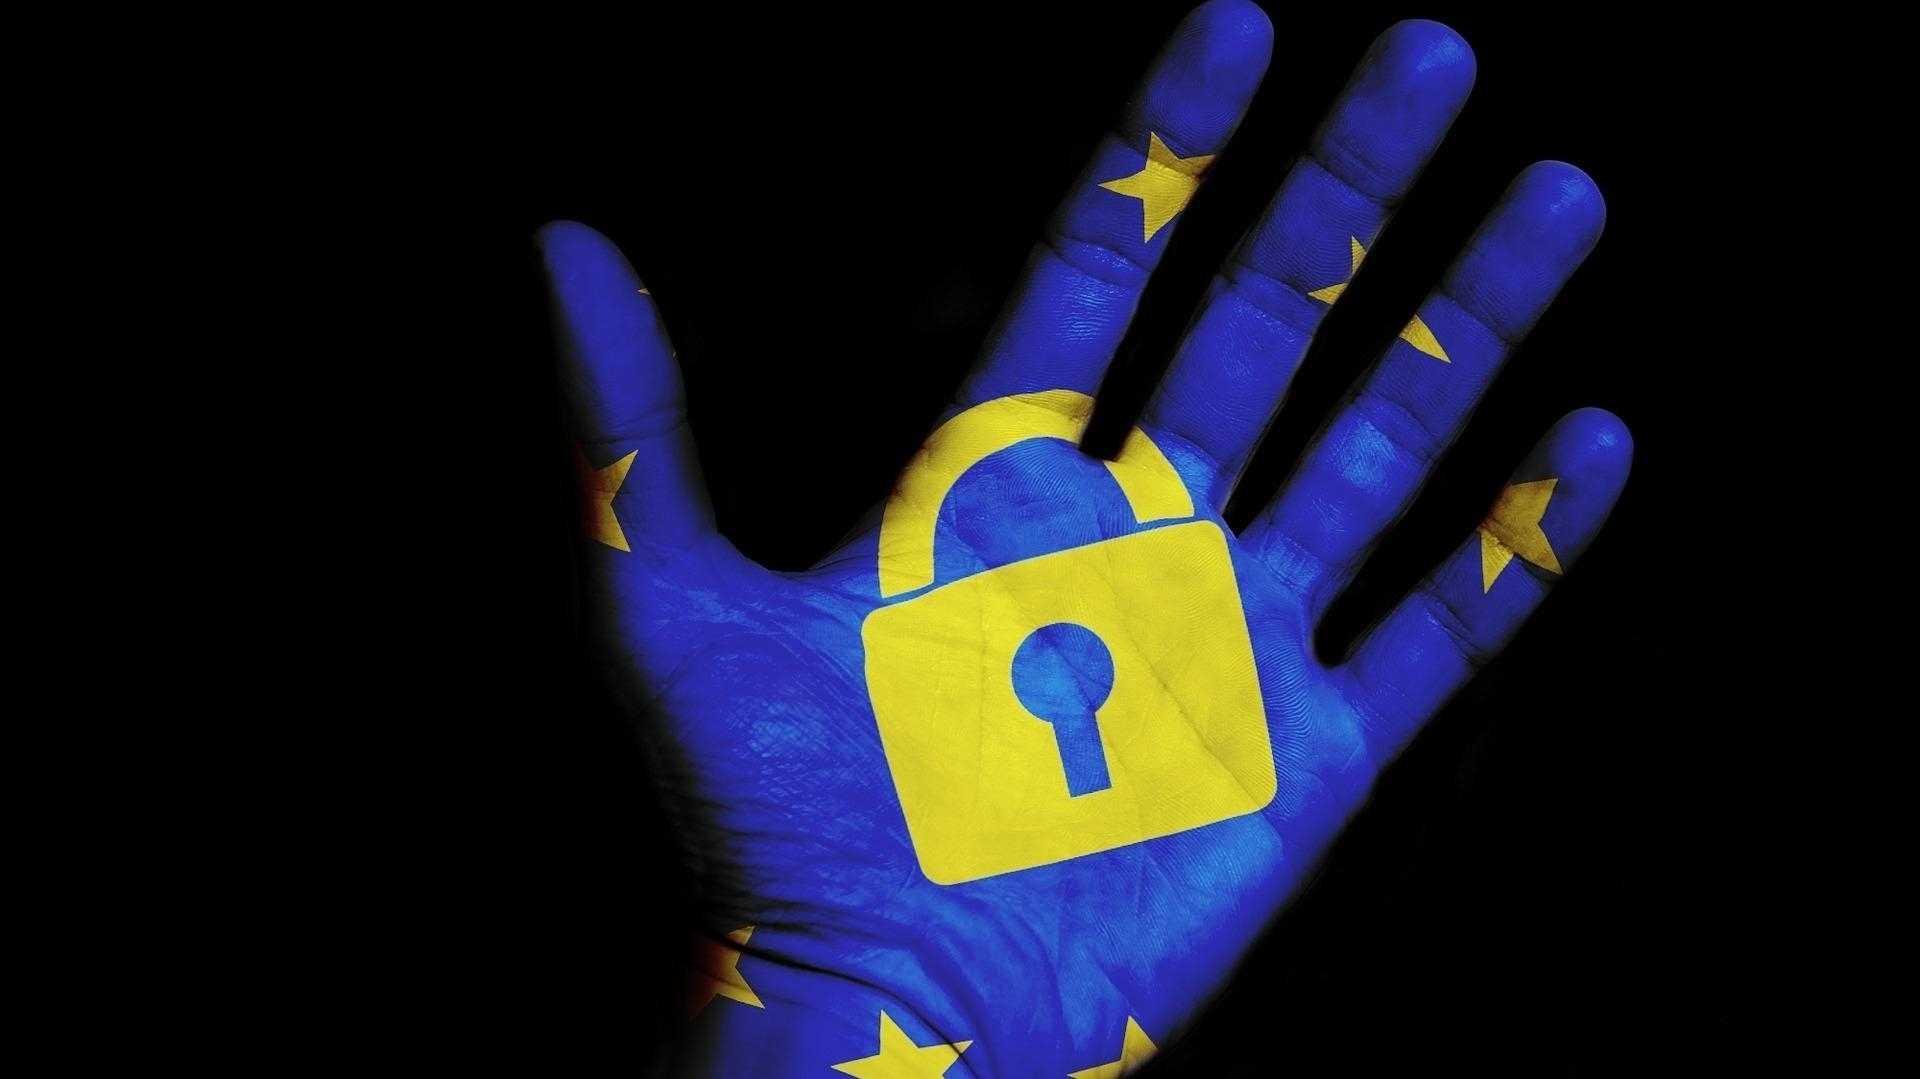 Straflose Datenschutzverstöße: EU-Kommission will im Fall Österreich aktiv werden